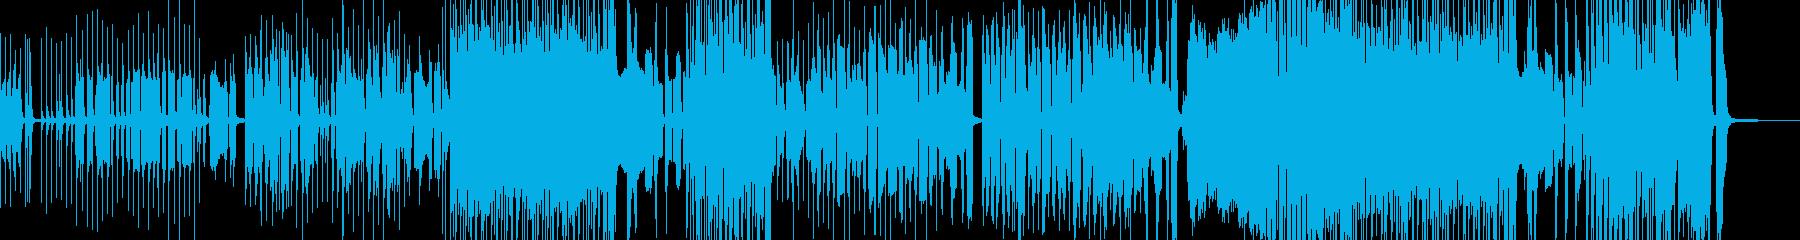 小動物をテーマとしたコミカルポップスの再生済みの波形